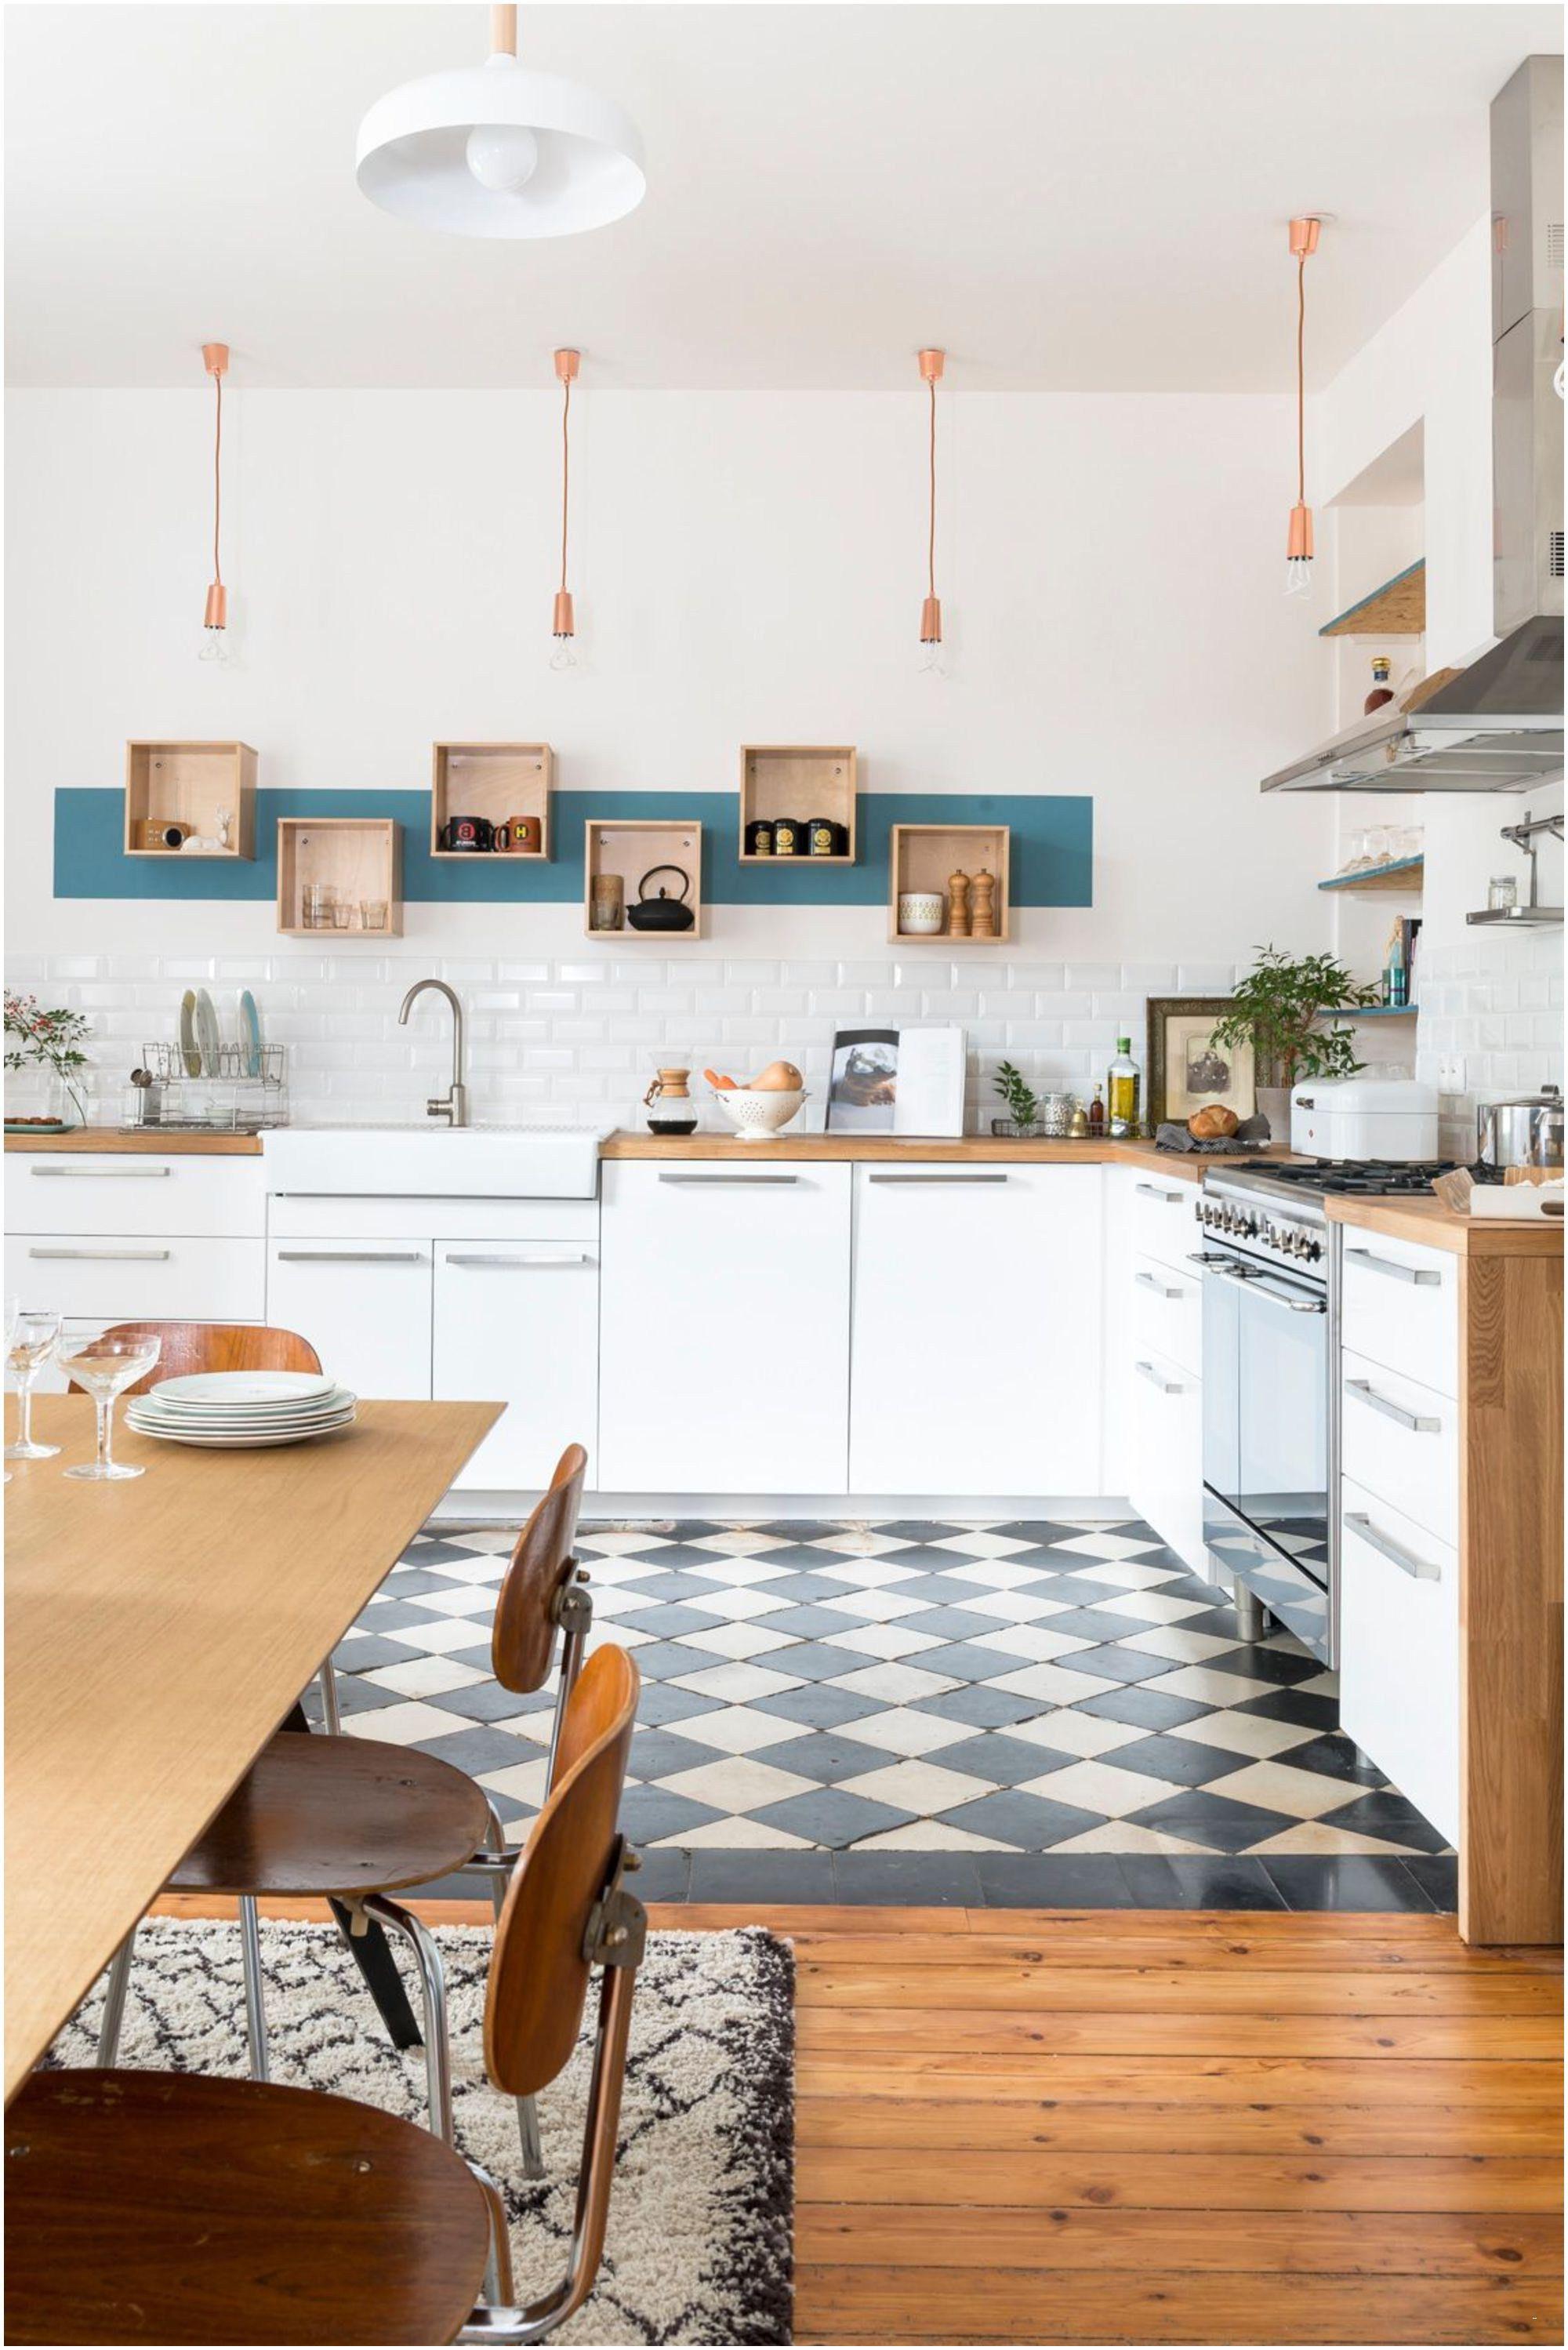 Cuisine Provencale Blanche Et Bleue new cuisine style provencale ancienne | cuisine moderne